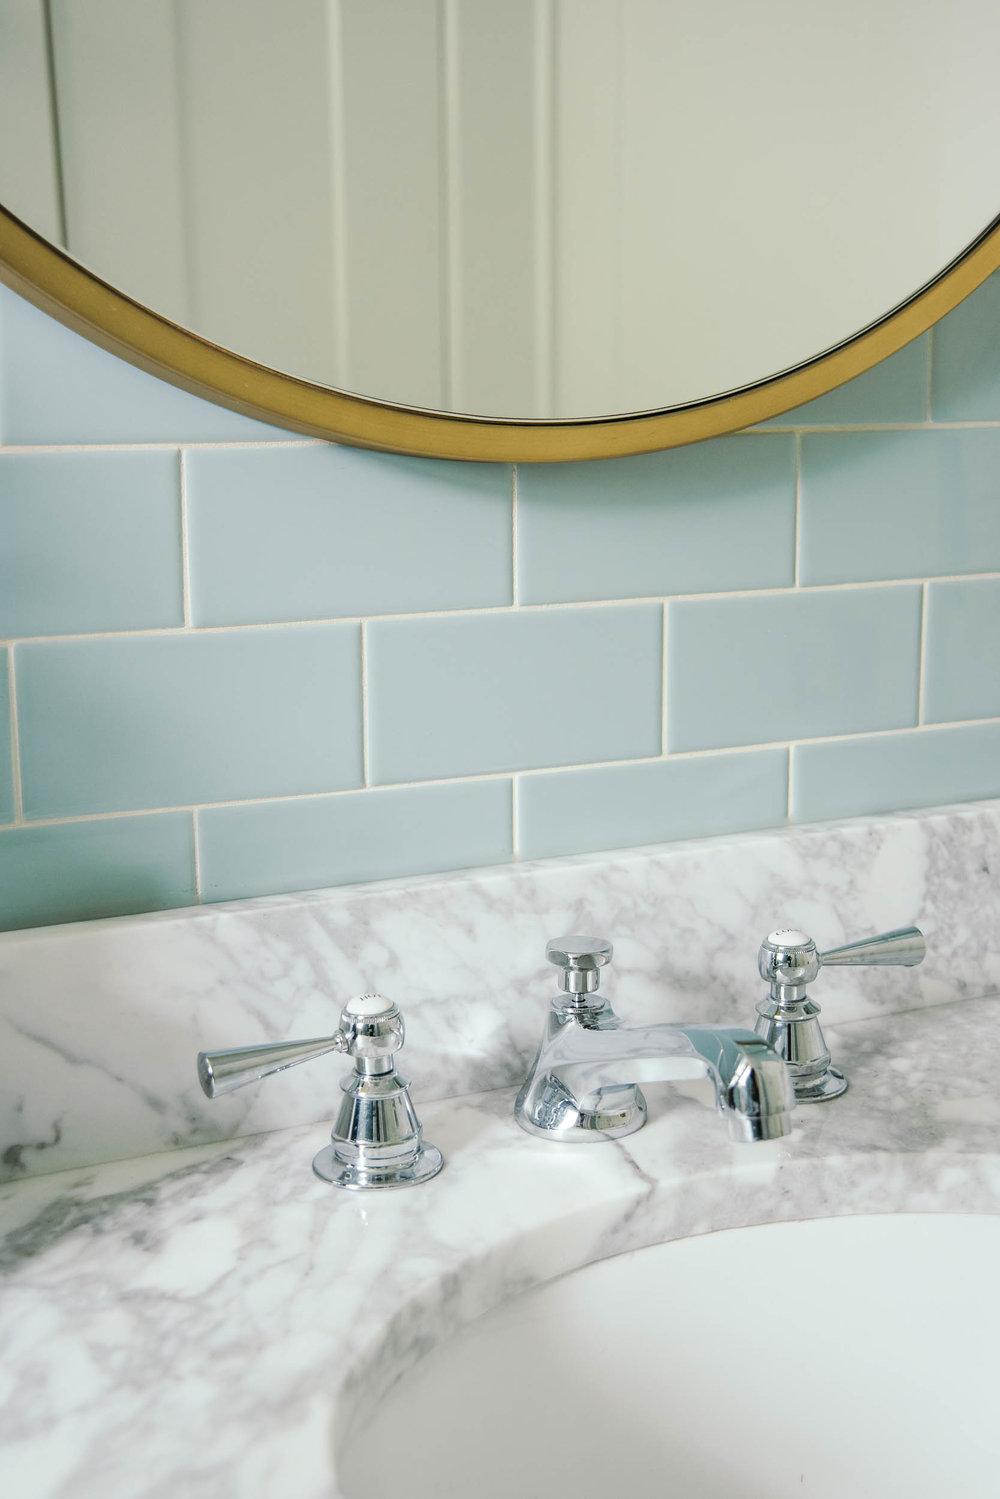 LKI_riverbend_bathroom-9.jpg